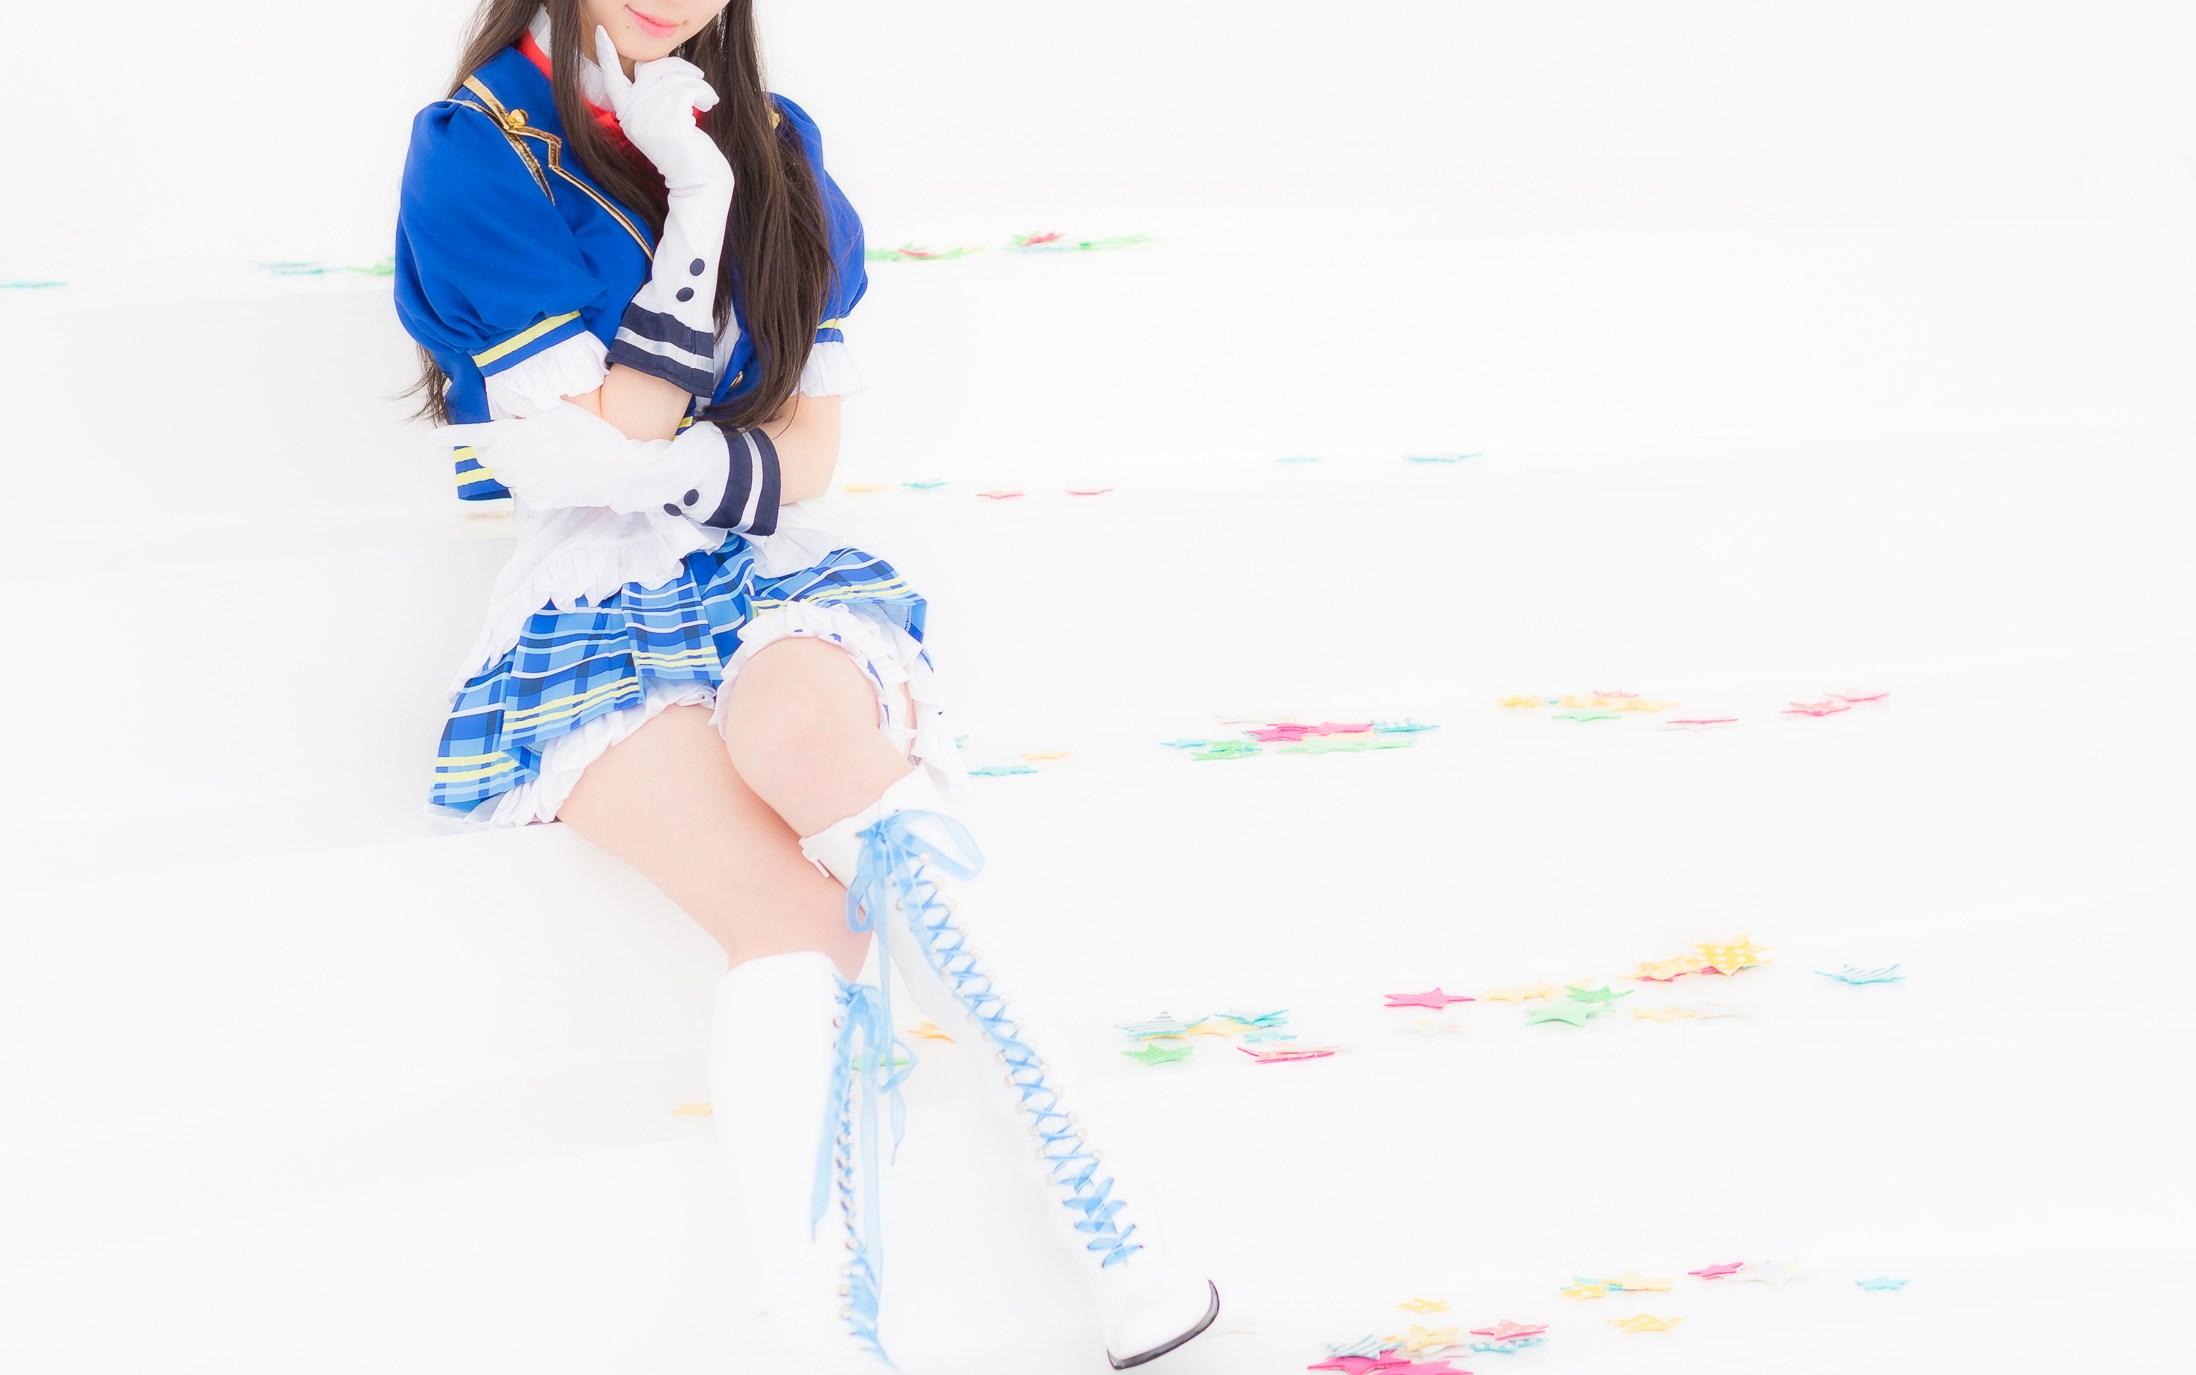 【兔玩映画】少女制服爱豆 兔玩映画 第17张